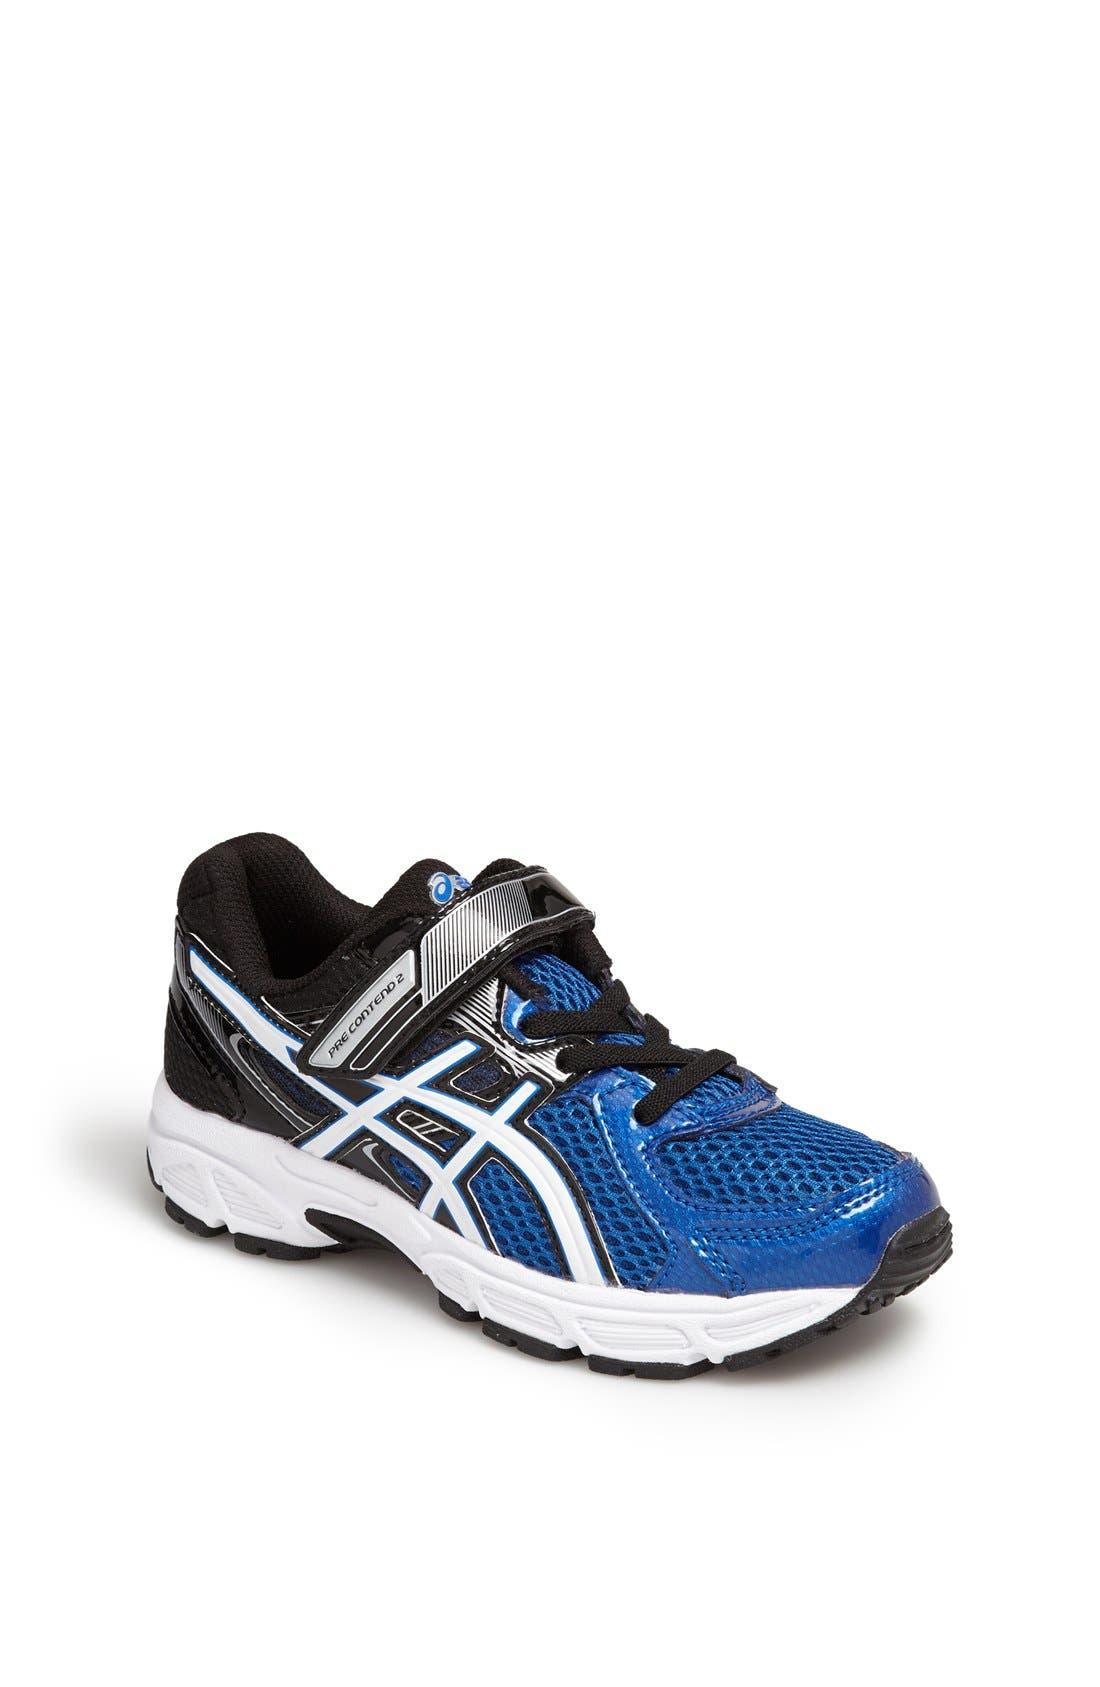 Acheter des chaussures asics le chaussures pour les tout-petits> Livraison des gratuite pour le monde entier! OFF77% The 530affe - sbsgrp.website